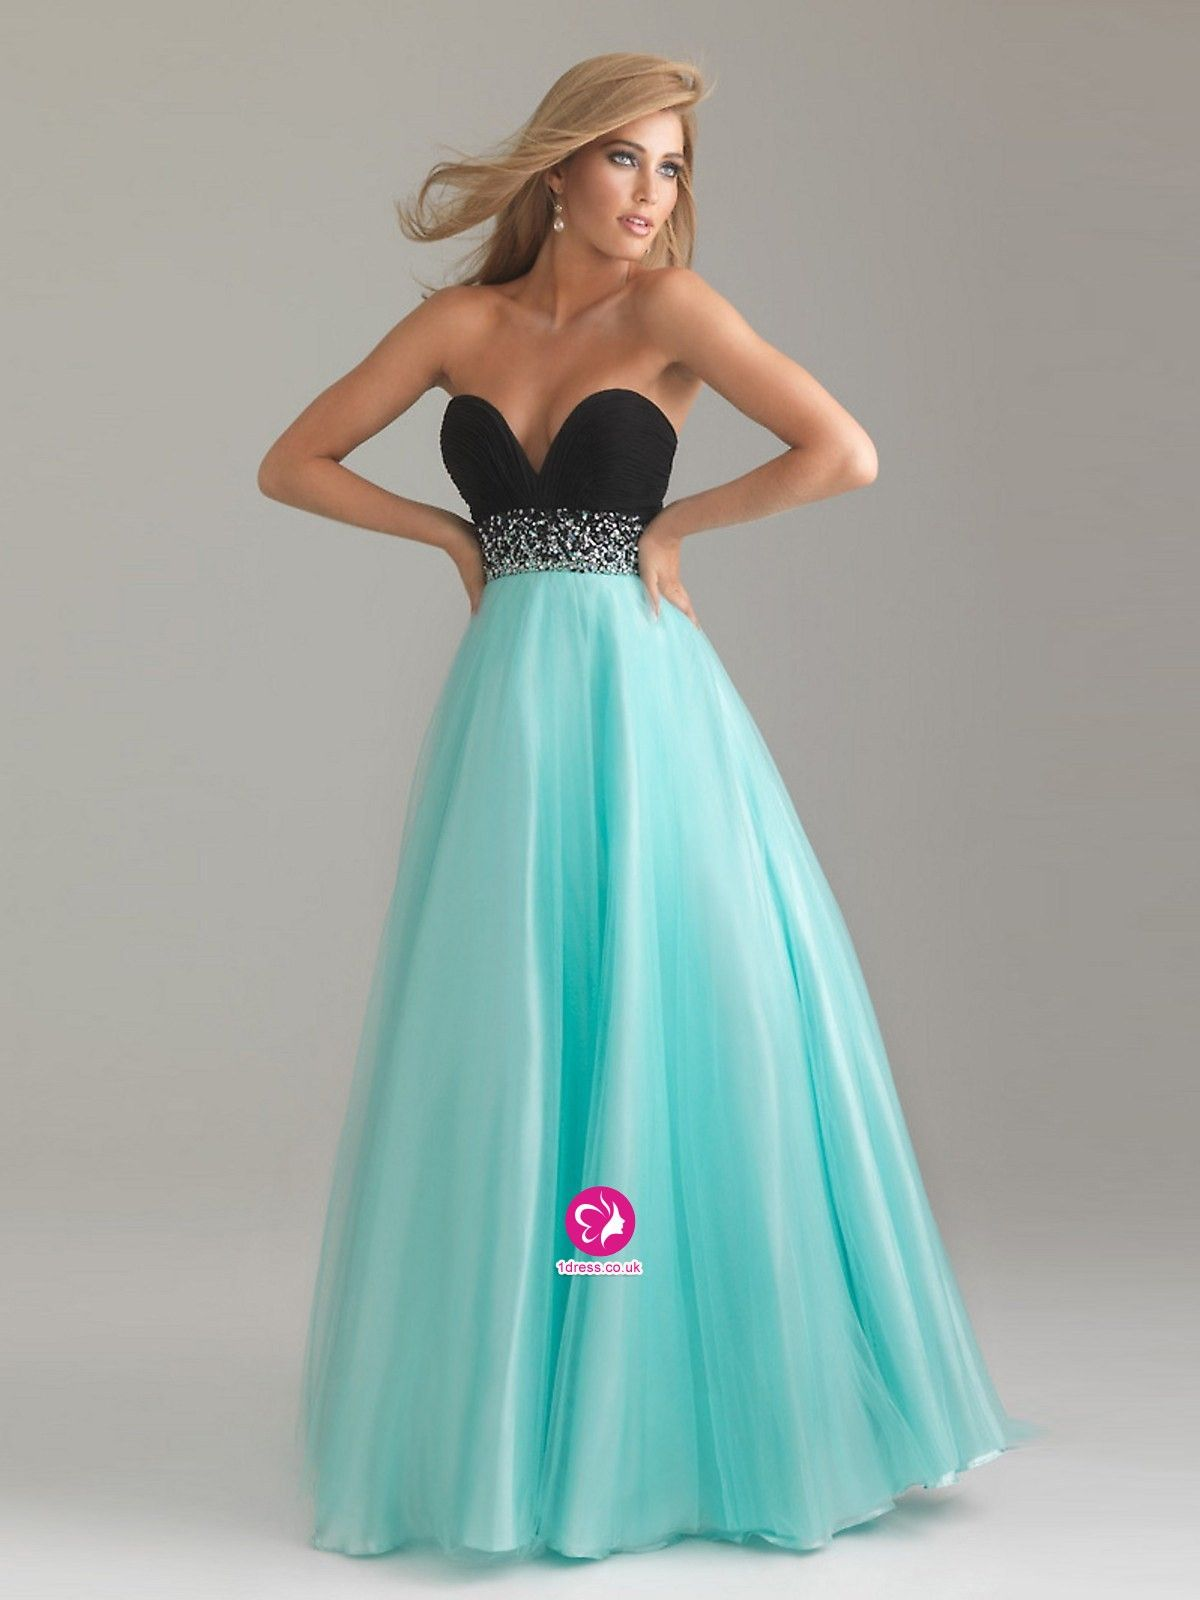 Cache Prom Dress - Ocodea.com